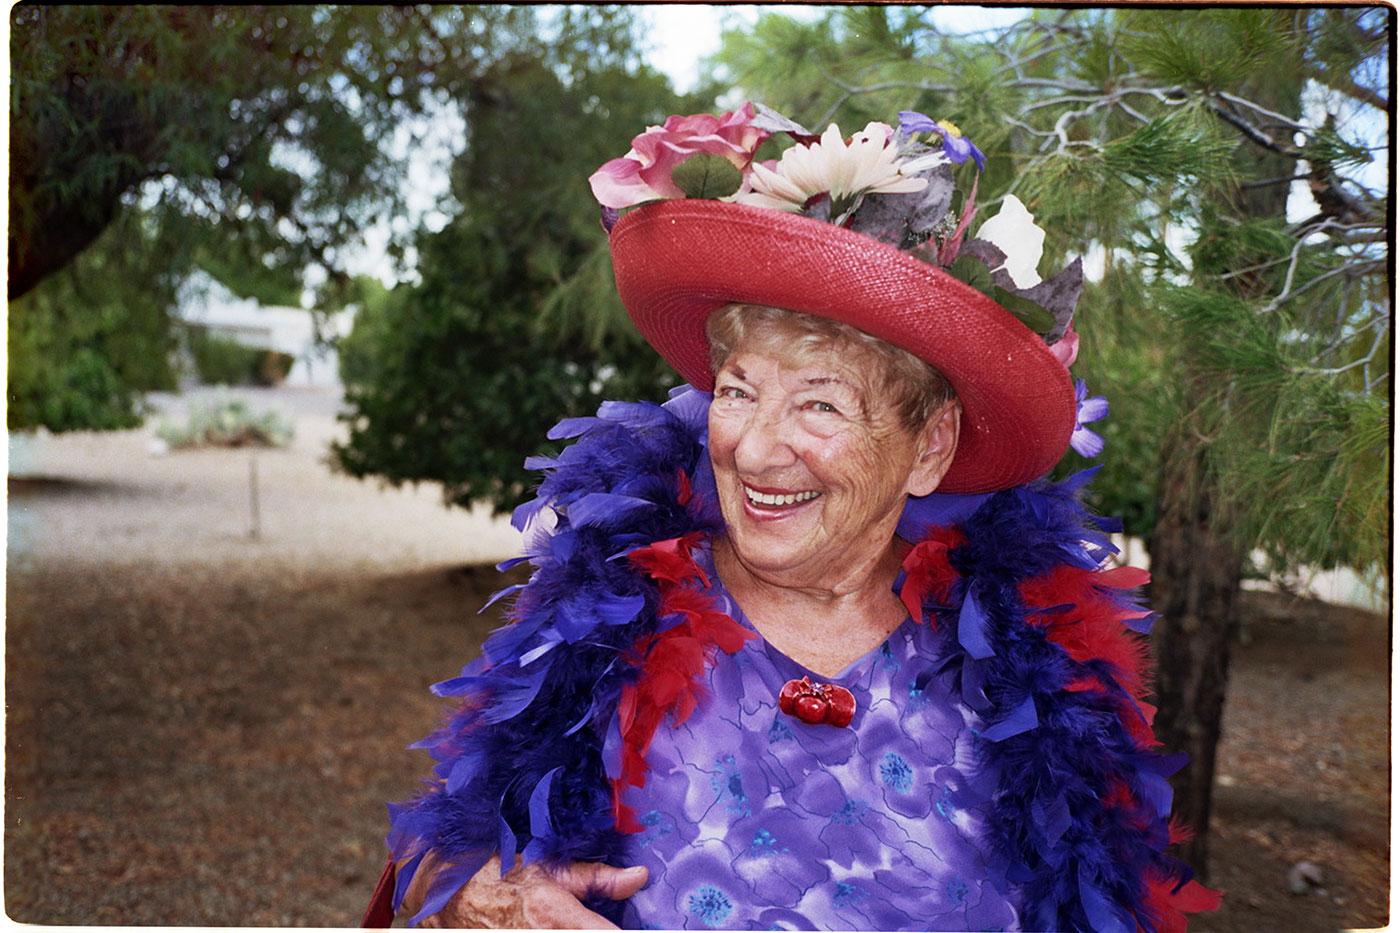 Die 80-jährige Betty Jane